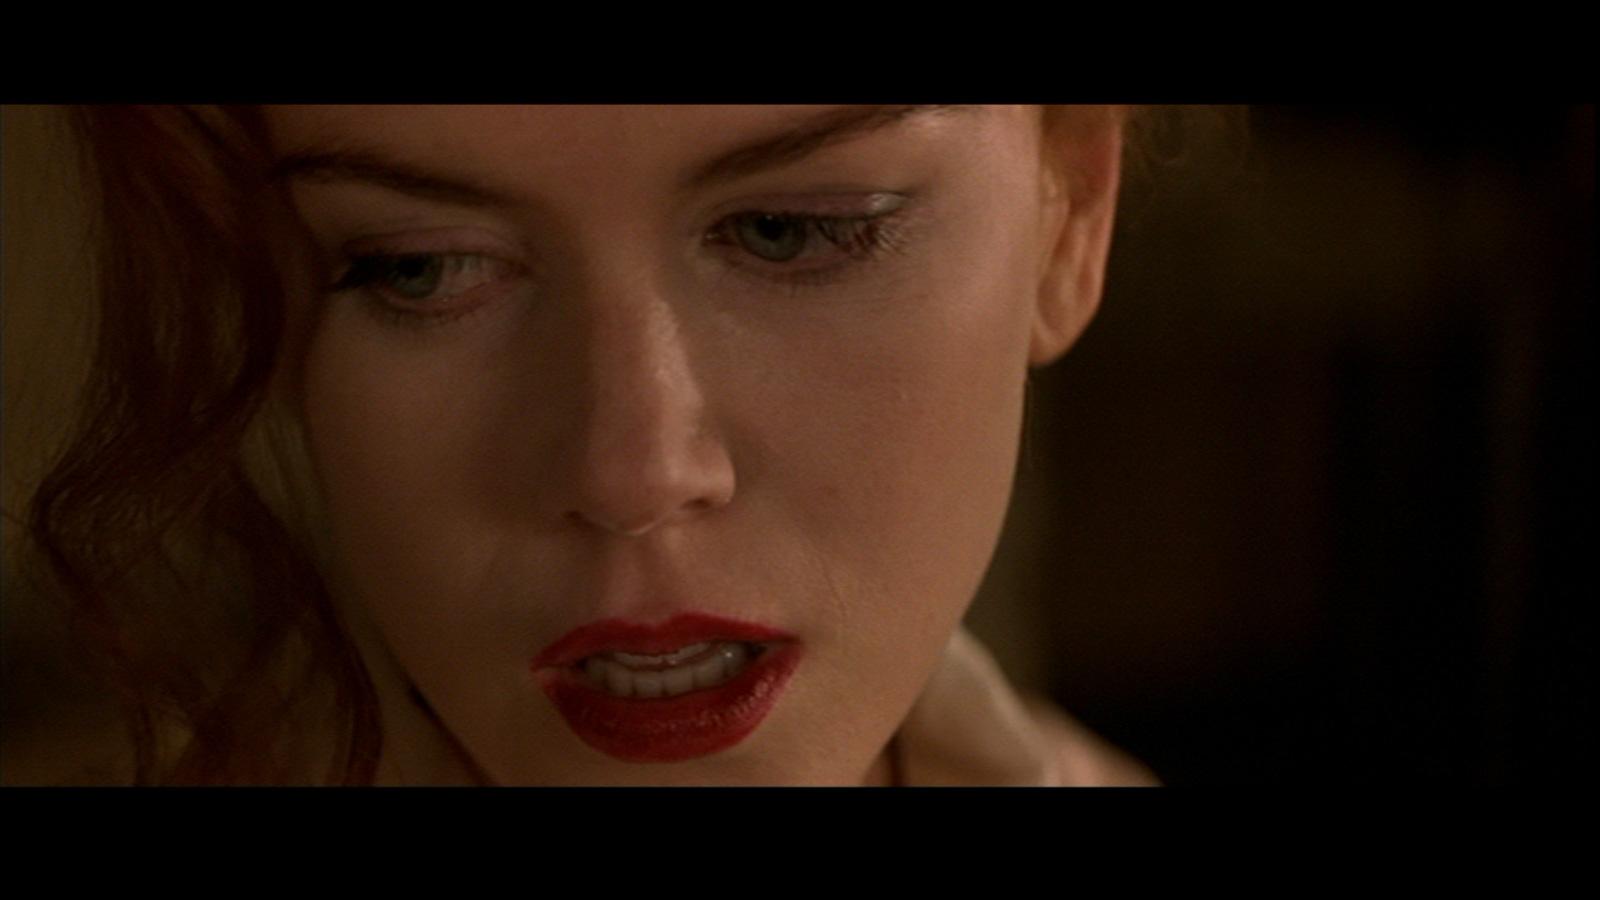 Moulin Rouge - Nicole Kidman Image (24526910) - Fanpop